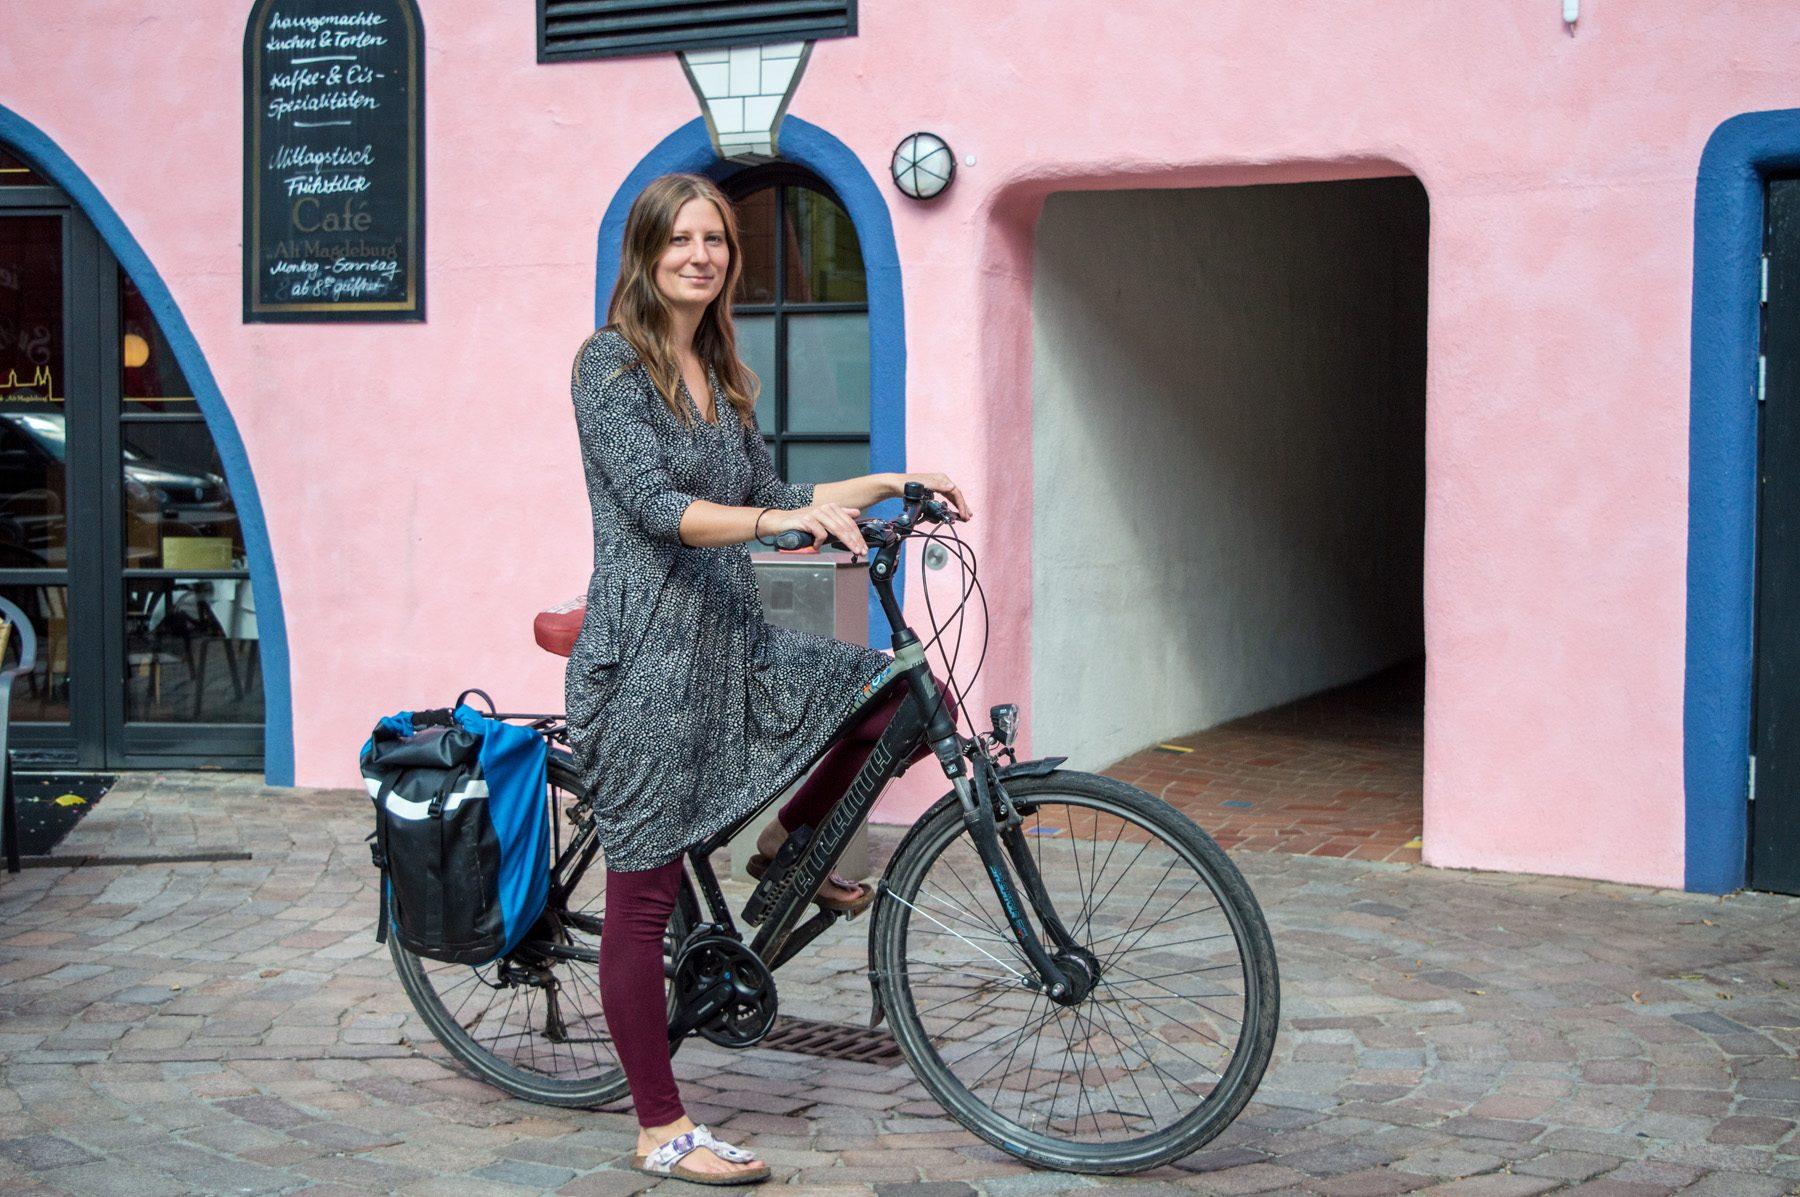 Fahrradportrait Madeleine 25 Fahrradstadt Magazin